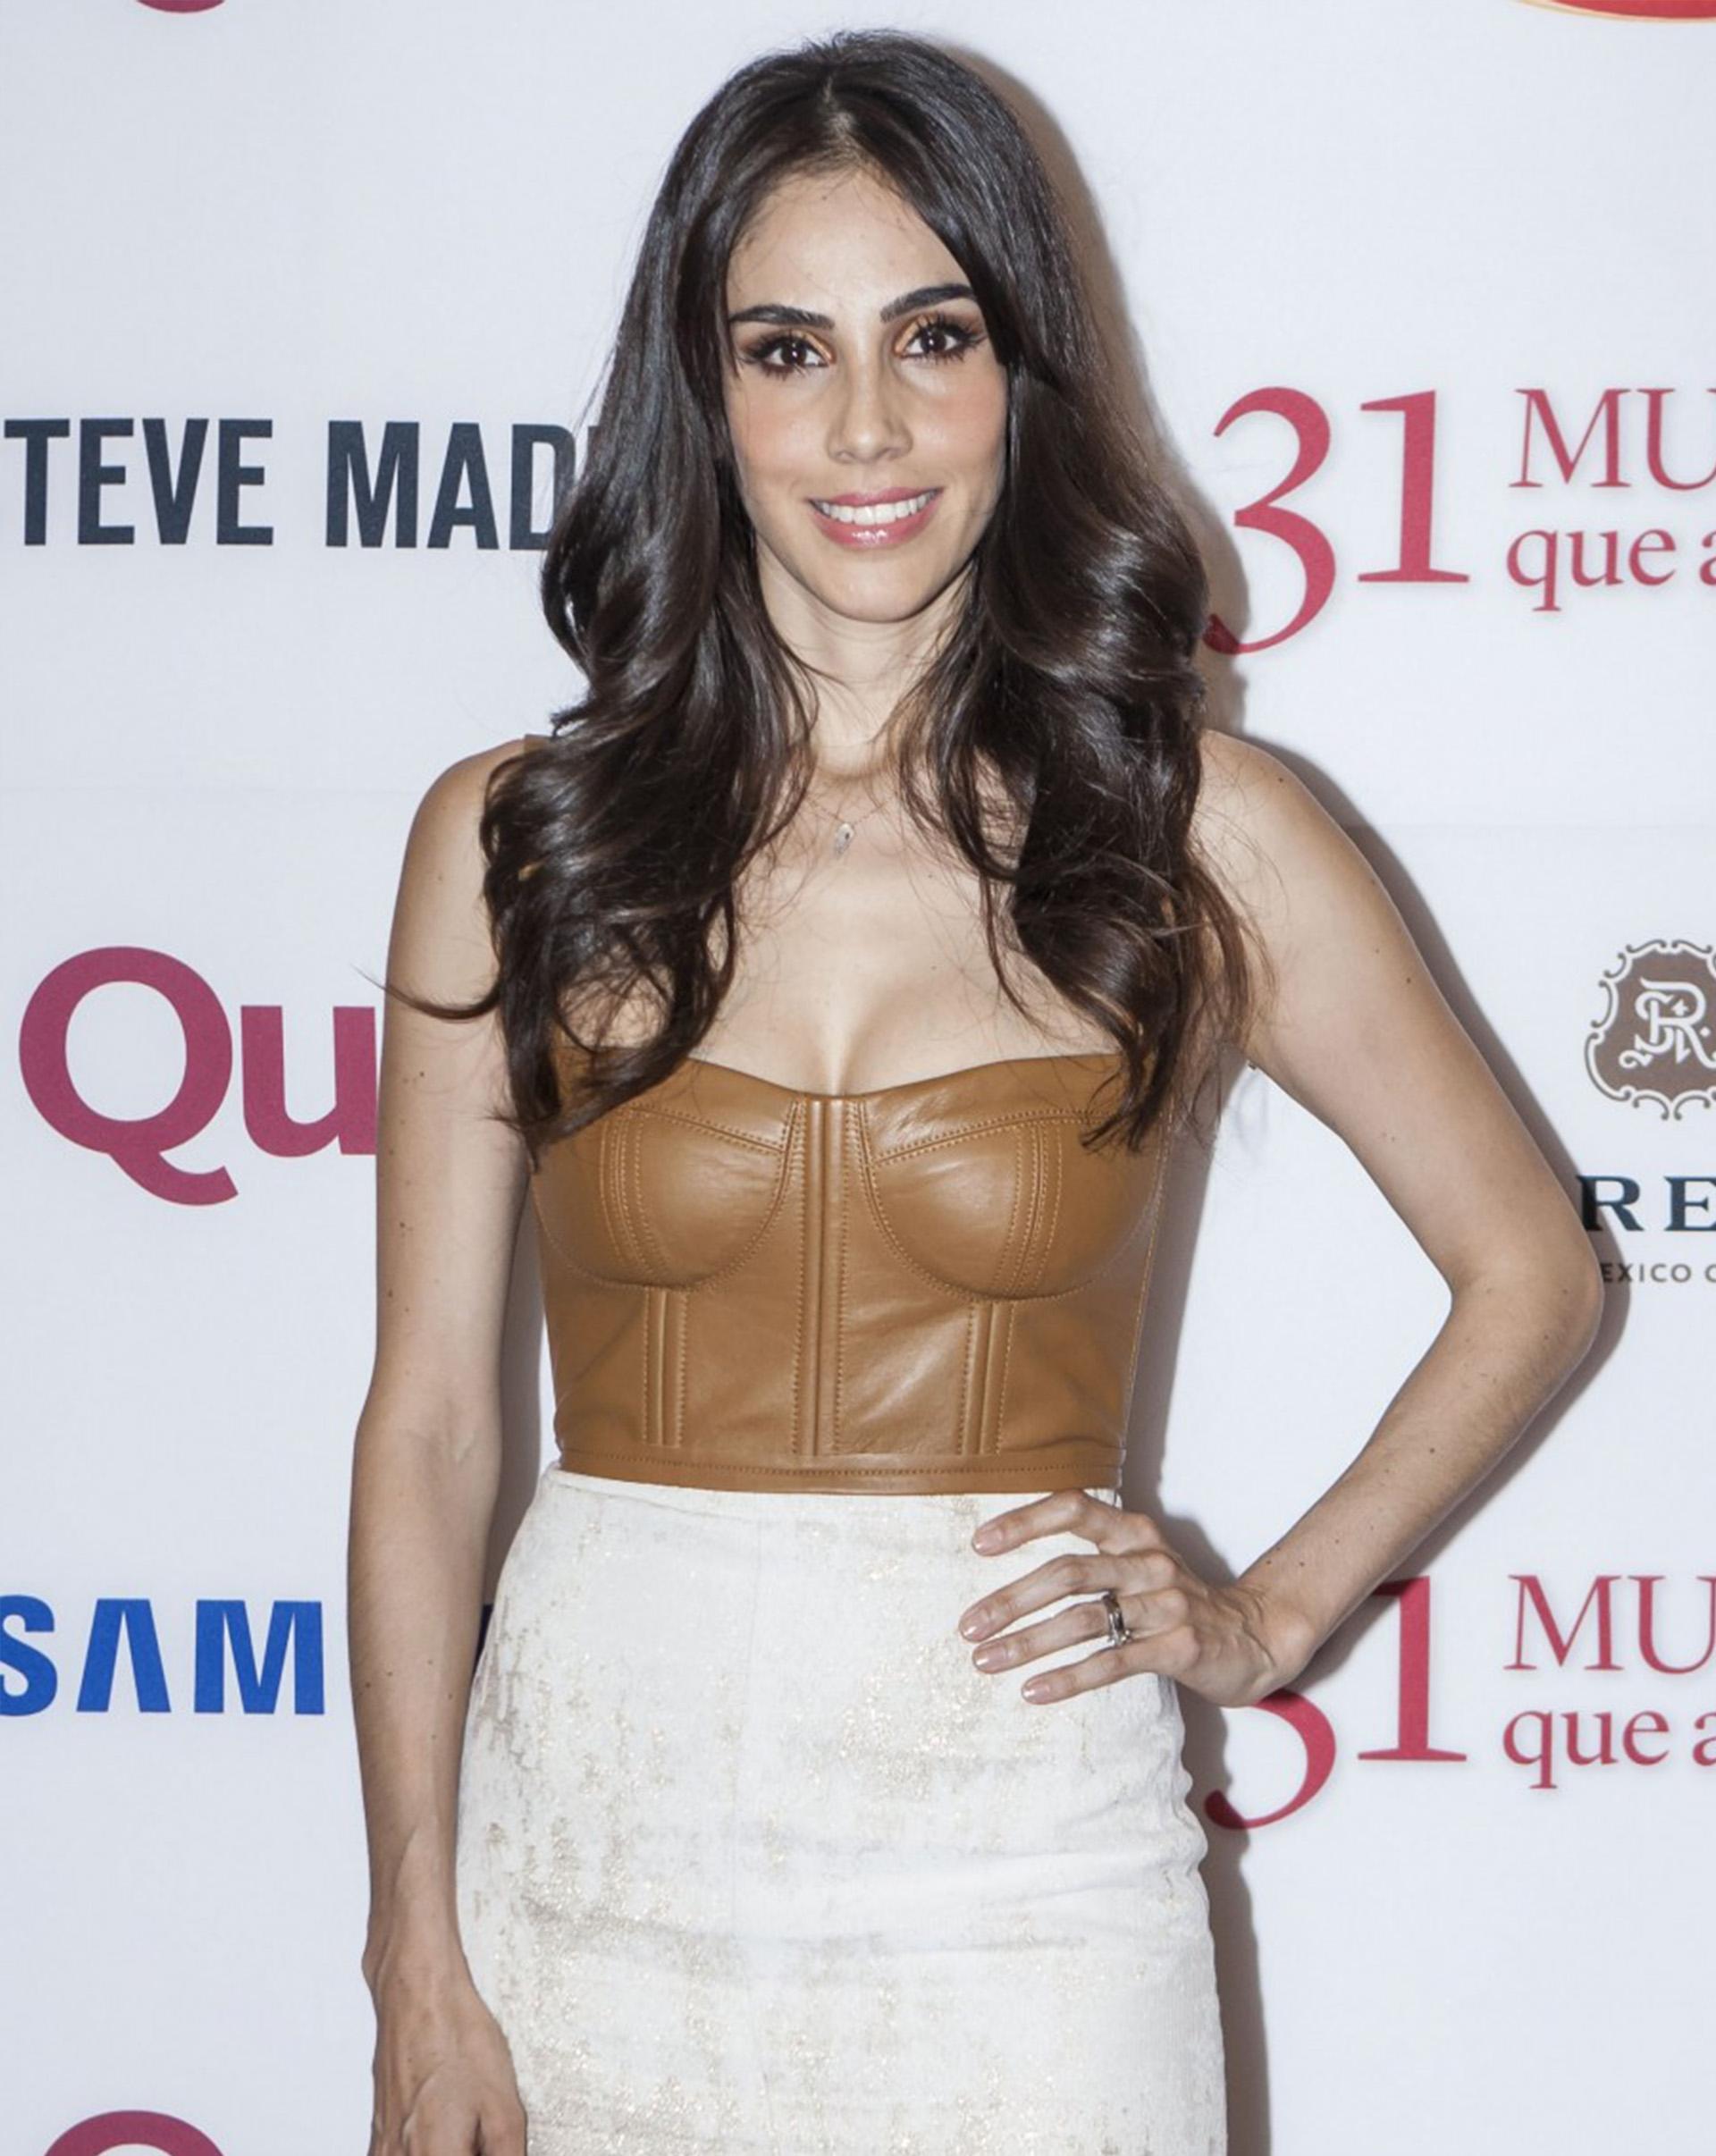 La actriz y cantante Sandra Echeverría en su llegada a la alfombra roja de 31 mujeres que amamos de la revista Quién.